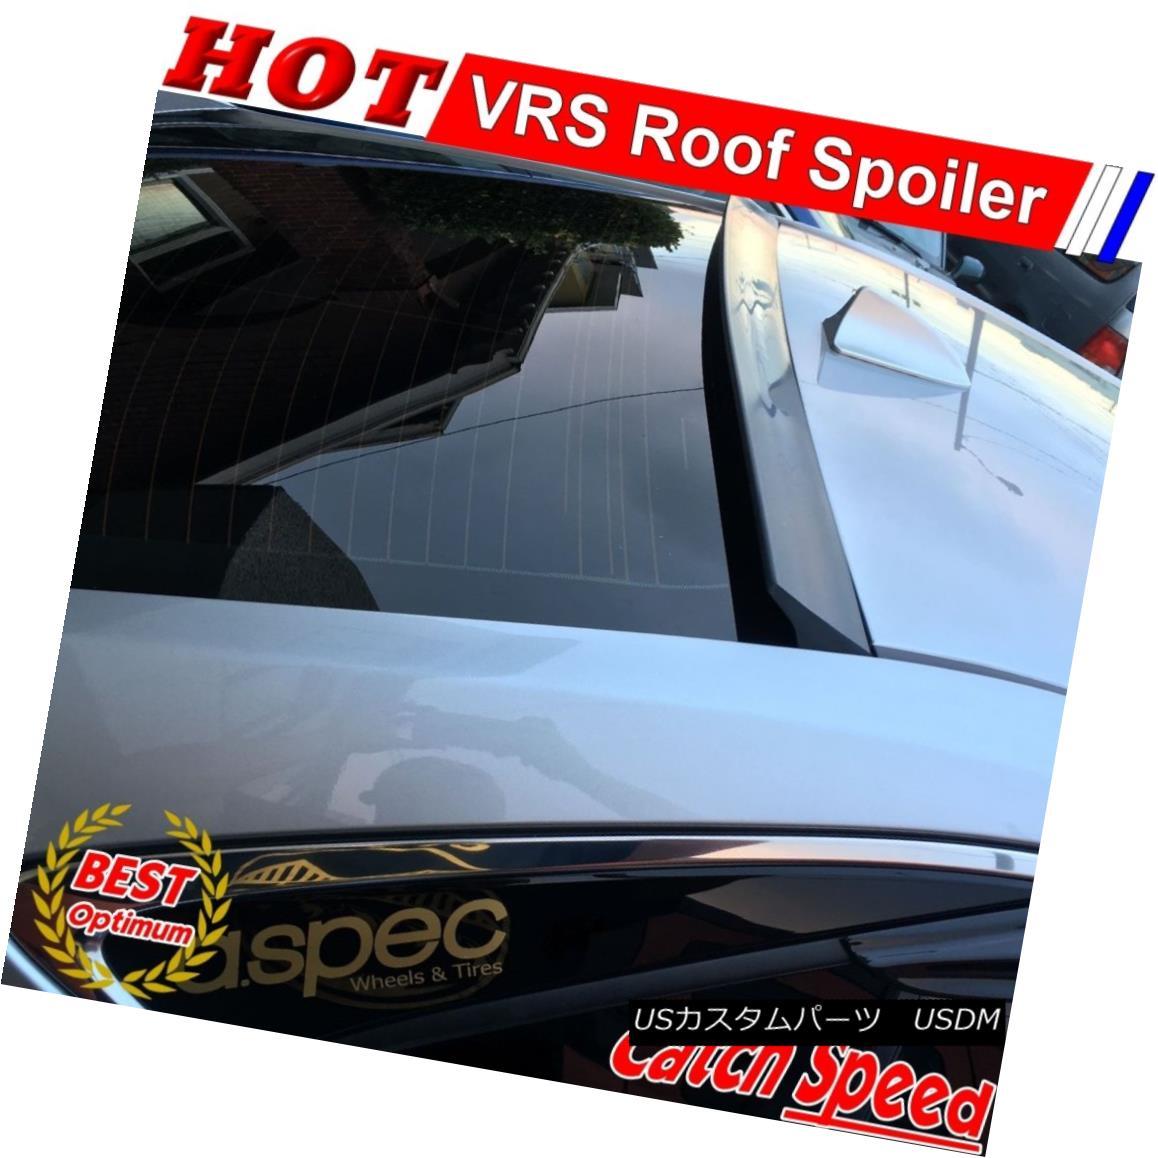 エアロパーツ Flat Black VRS Style Rear Wing Roof Spoiler For NISSAN MAXIMA A34 SEDAN 2004-08 日産マキシマA34セダンのフラットブラックVRSスタイルリアウイングルーフスポイラー